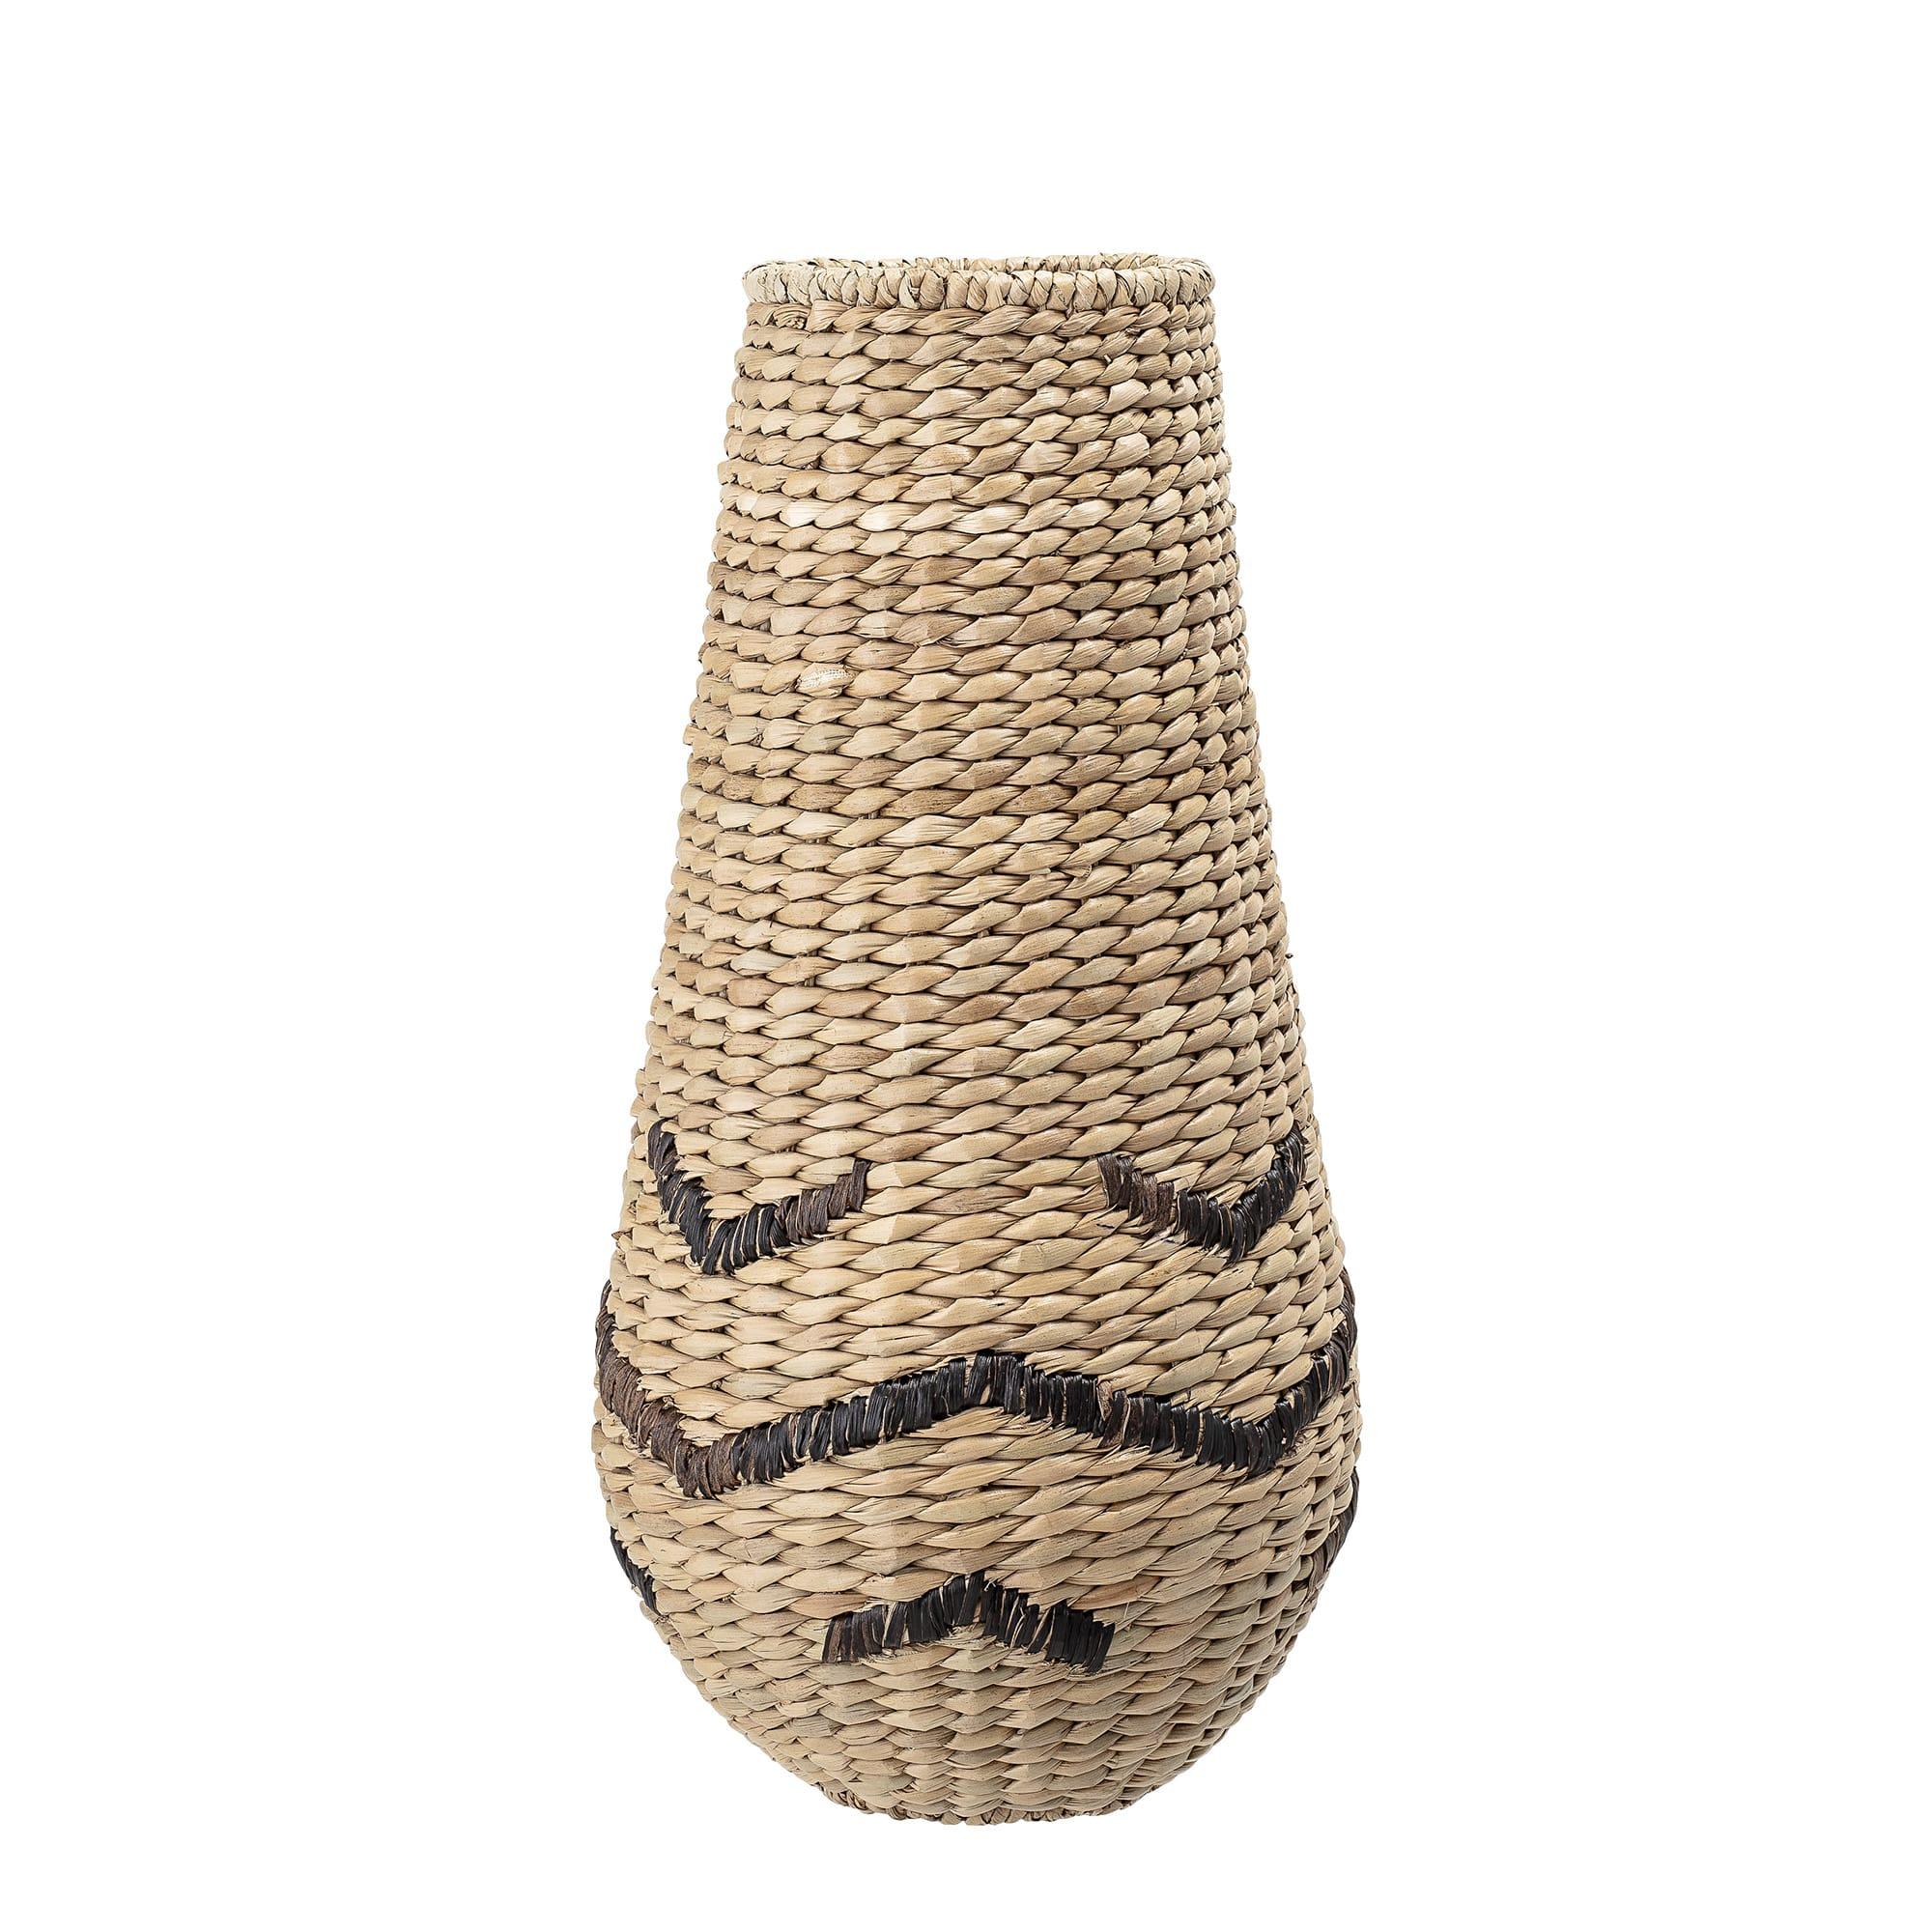 Bloomingville Tall Basket Floor Vase